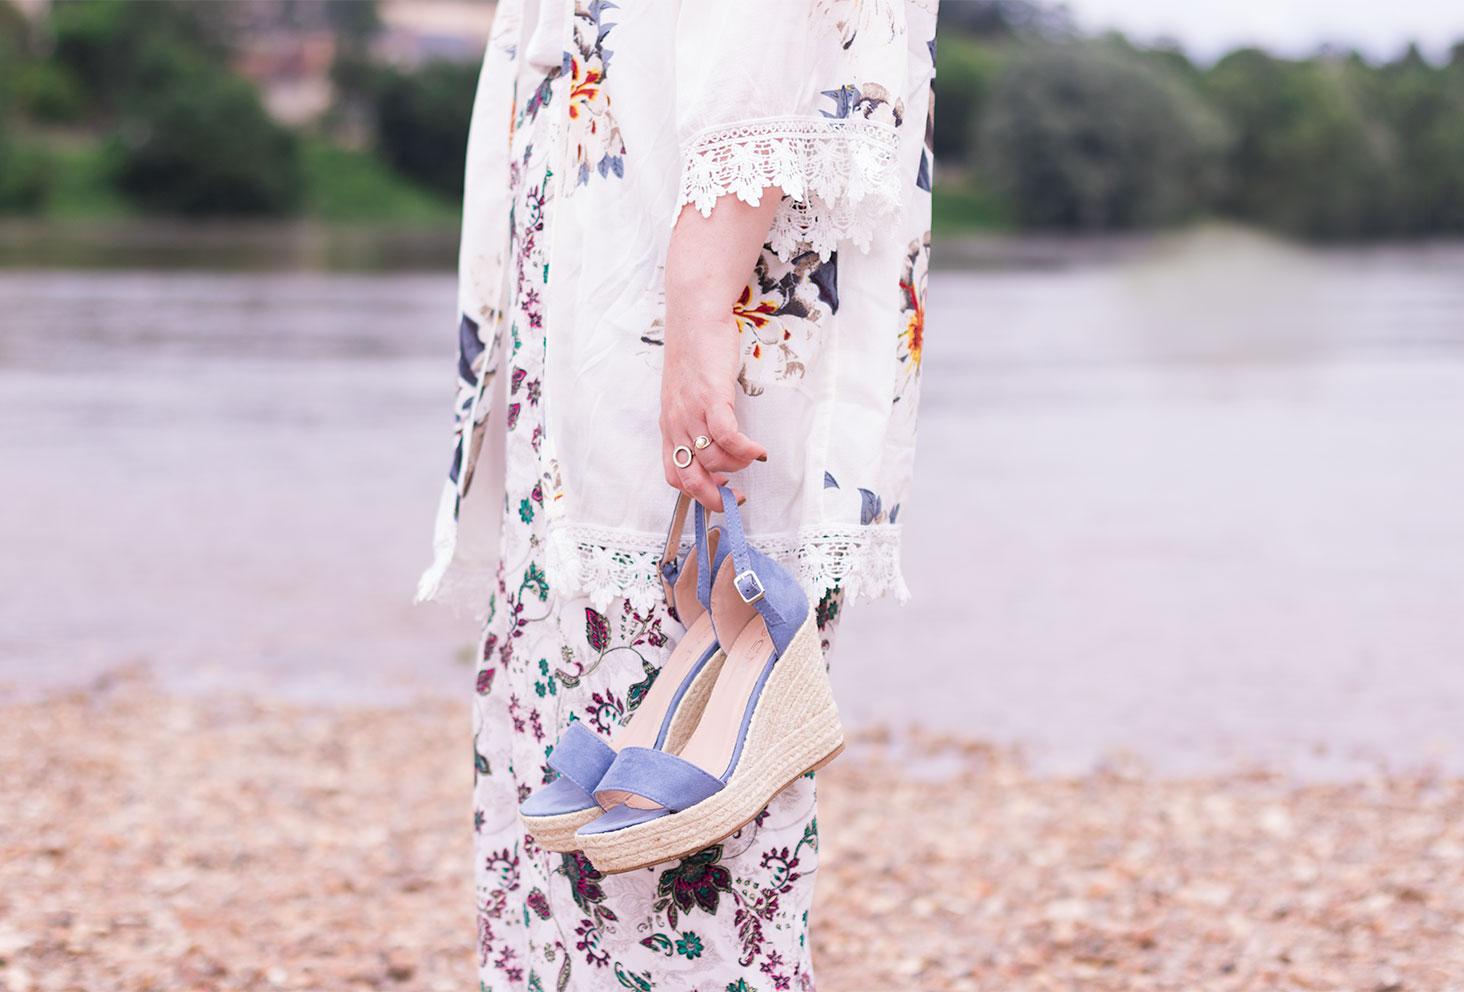 Kimono et pantalon à fleurs, compensées bleues Cendriyon dans la main, avec la Loire en arrière plan